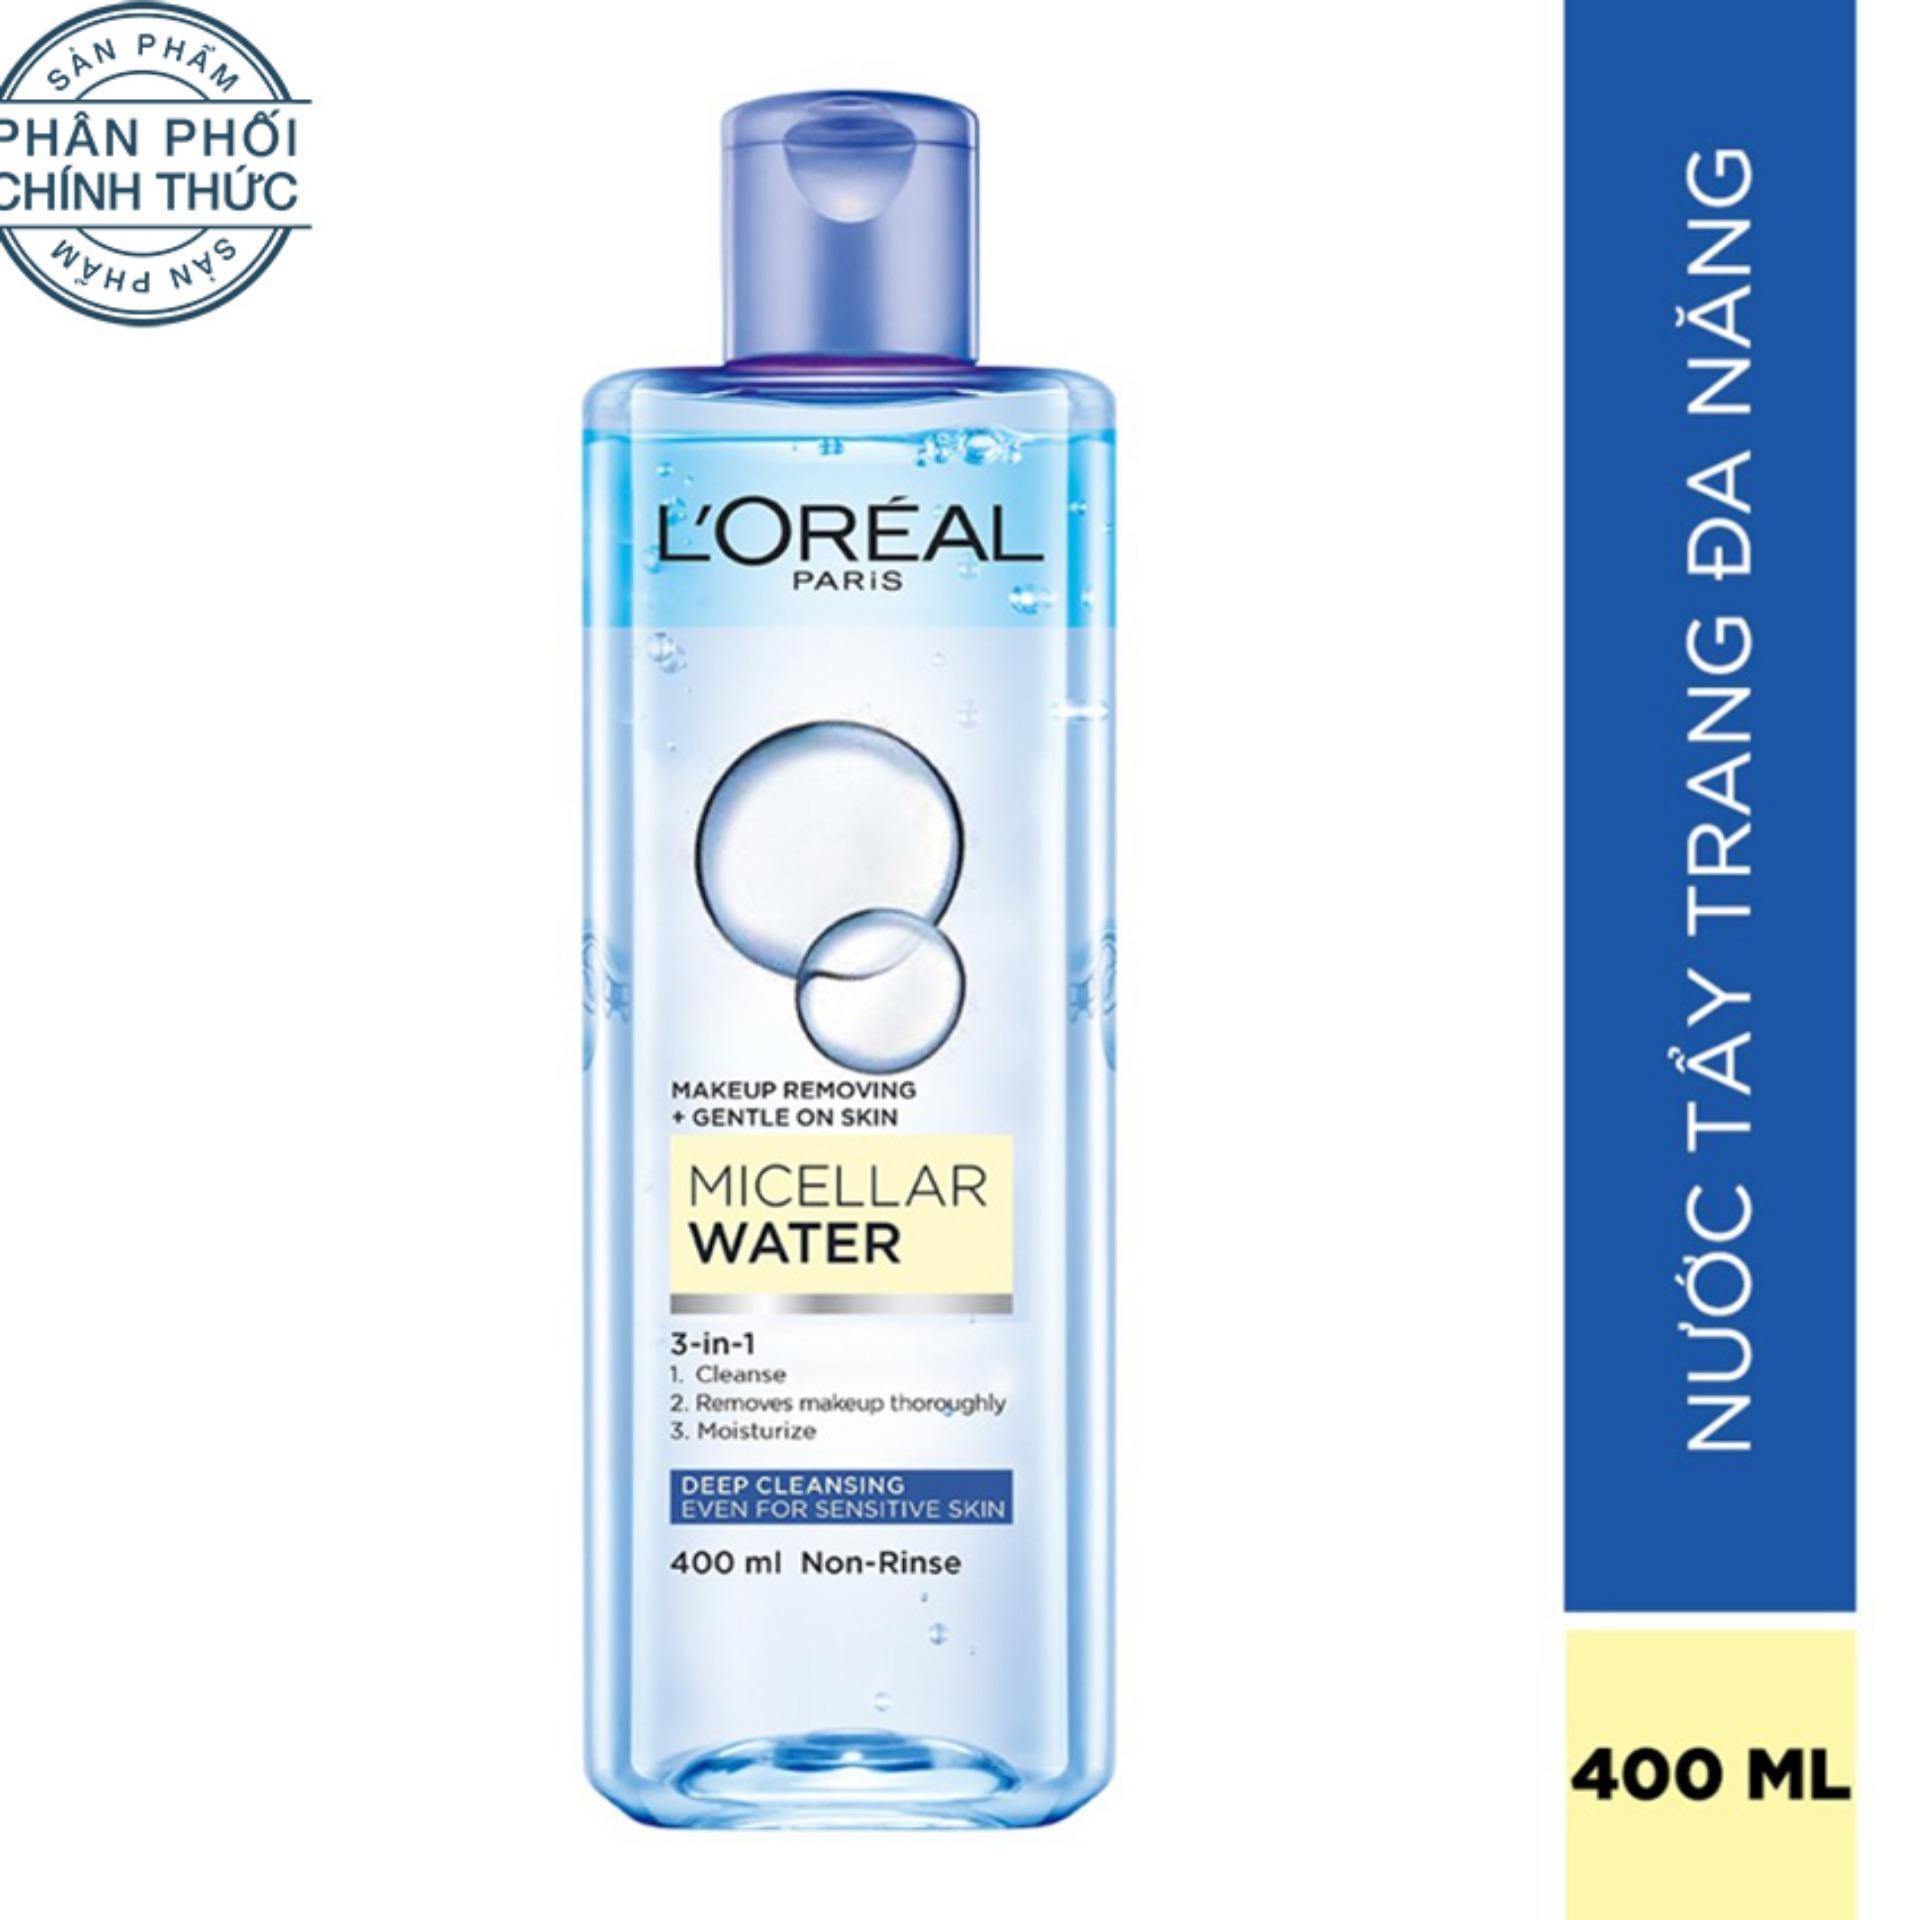 Nước tẩy trang đa năng 3-in-1 L'Oreal Paris Micellar làm sạch sâu 400ml